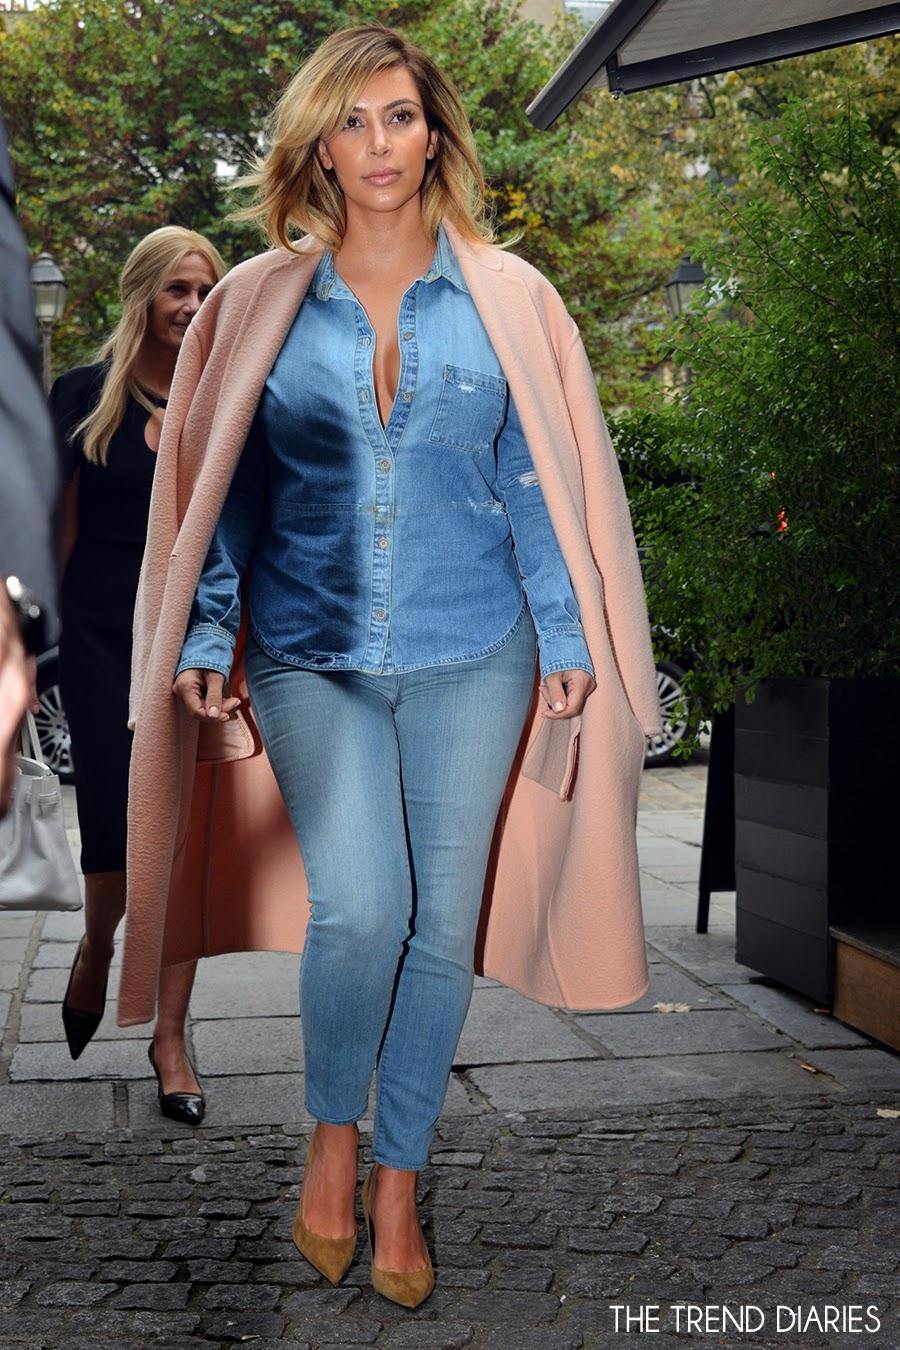 Kim Kardashian out in Paris, France - October 1, 2013 ... Kim Kardashian 2013 October